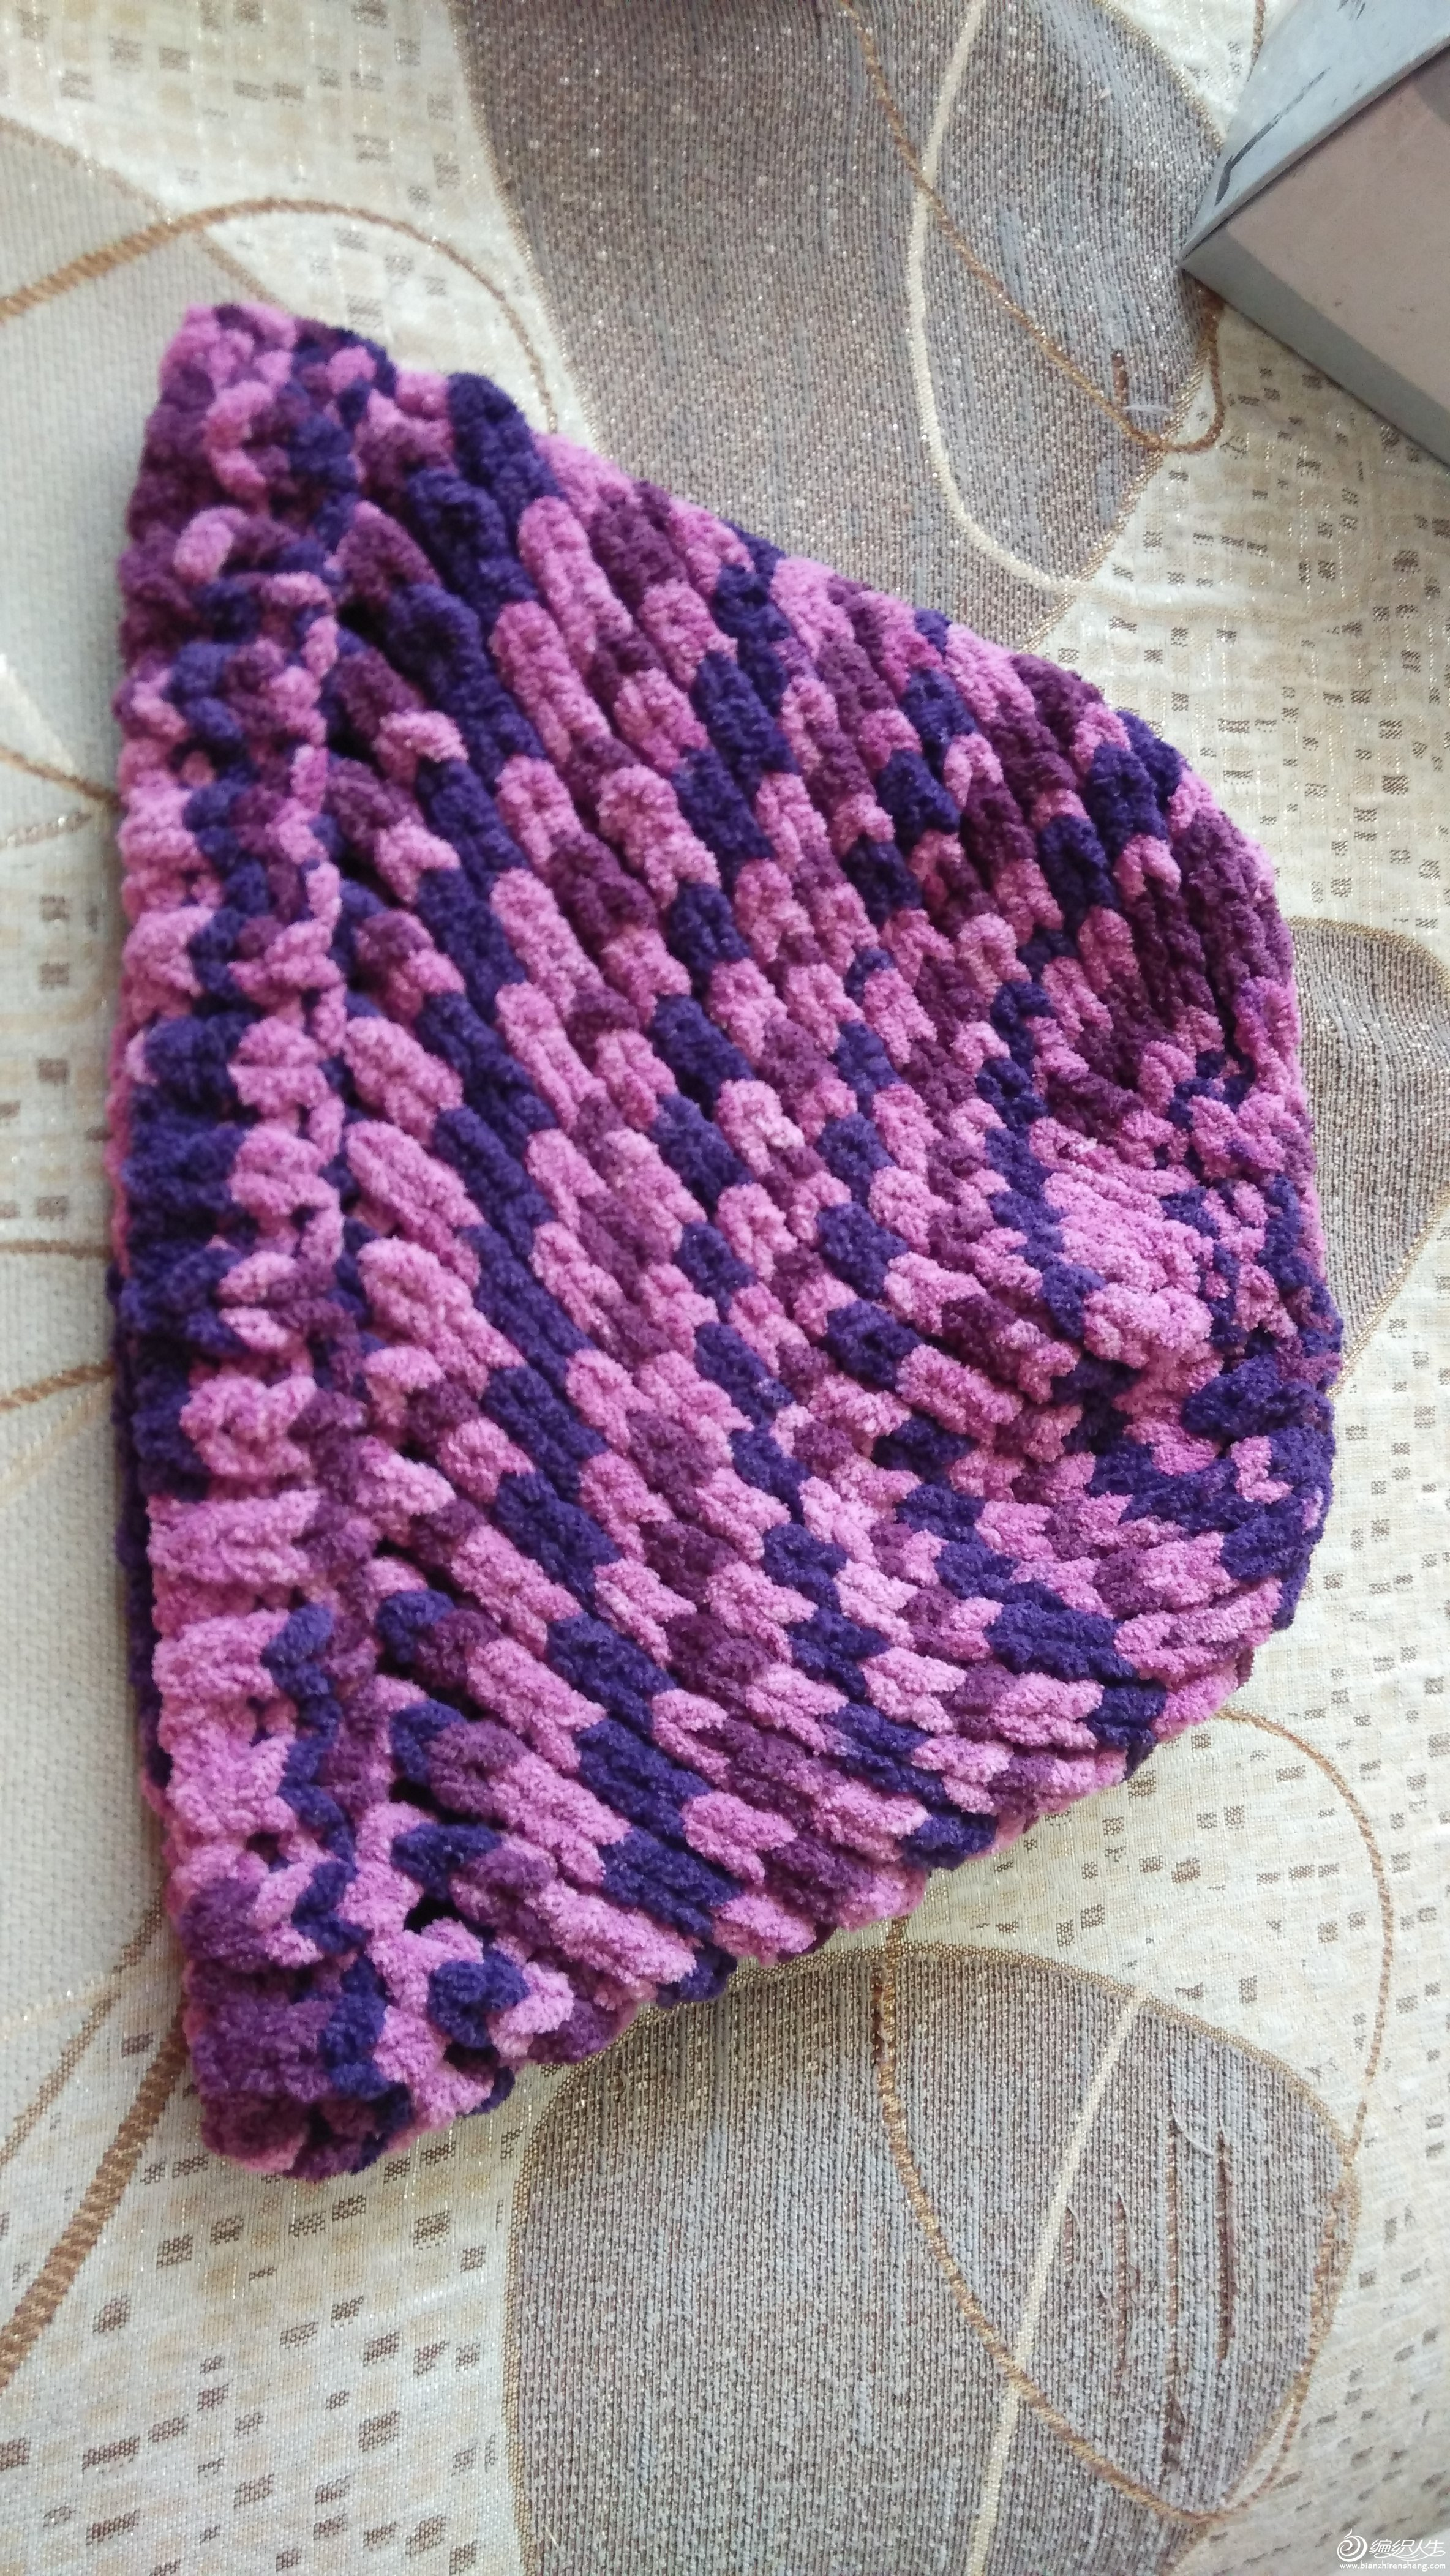 编织人生怎样织帽子_最近织的几款帽子_编织人生论坛